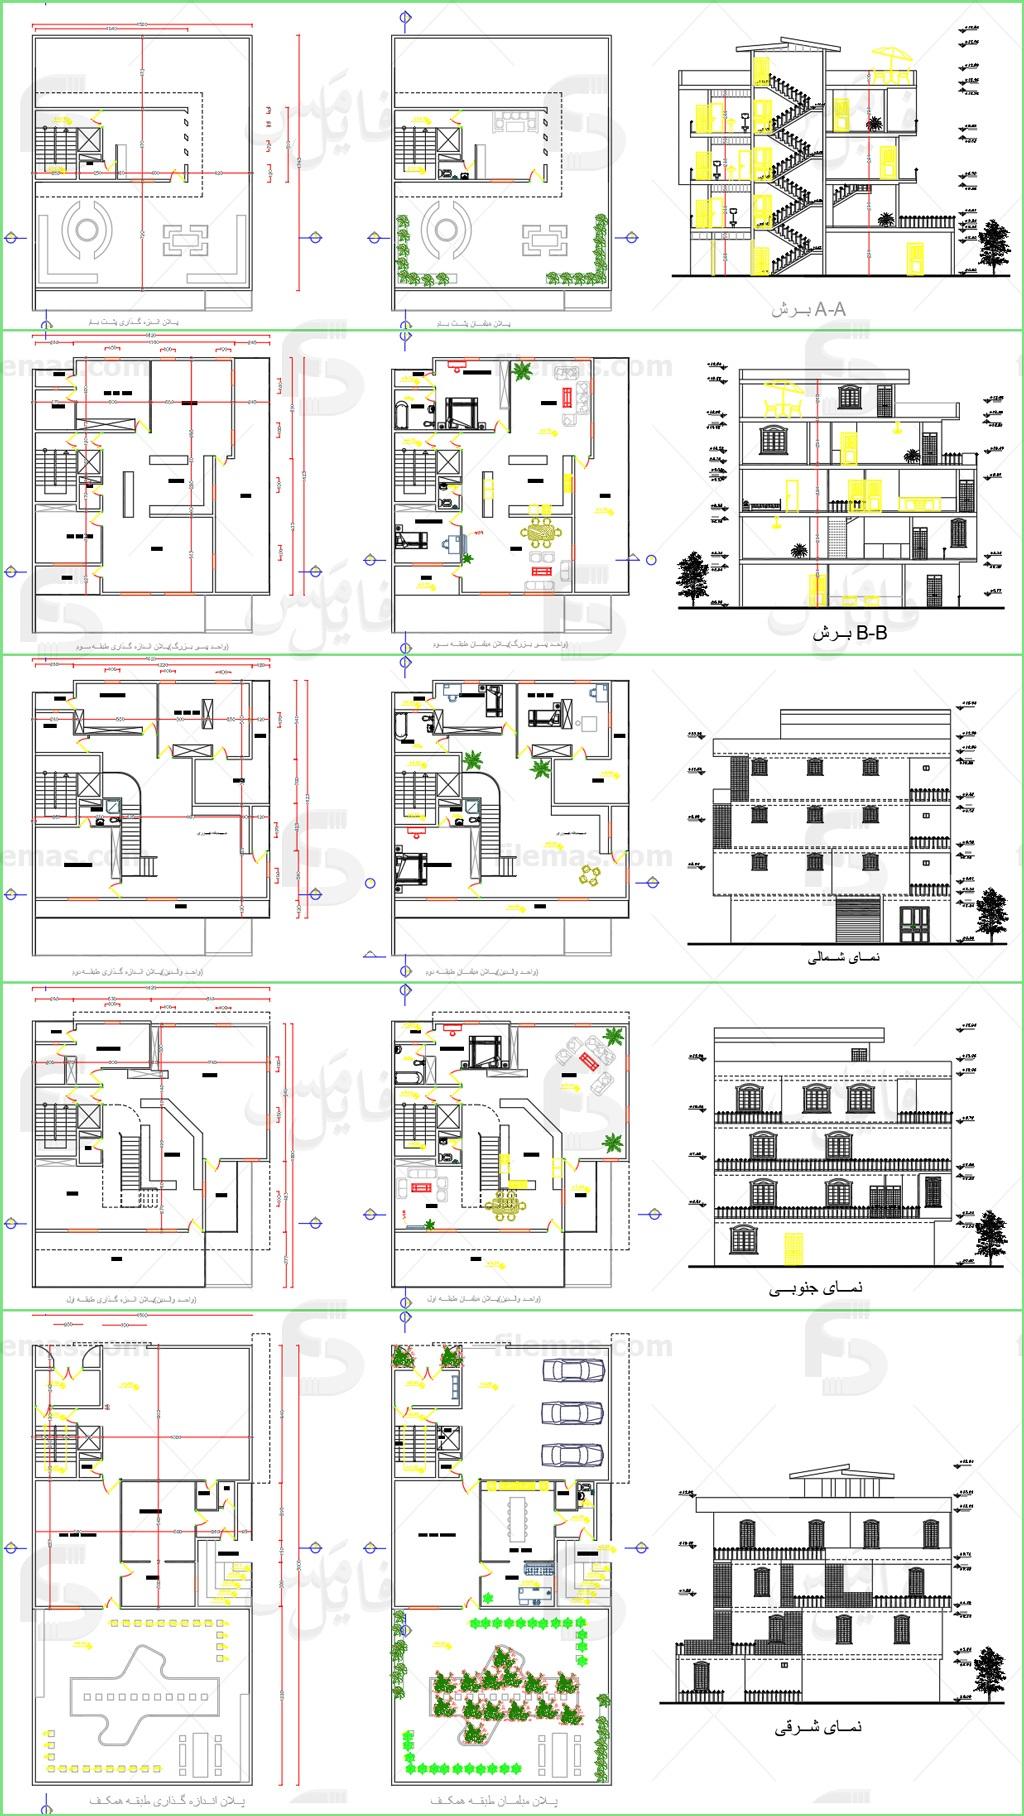 پروژه طرح 2 طراحی نقشه ساختمان مسکونی دوبلکس